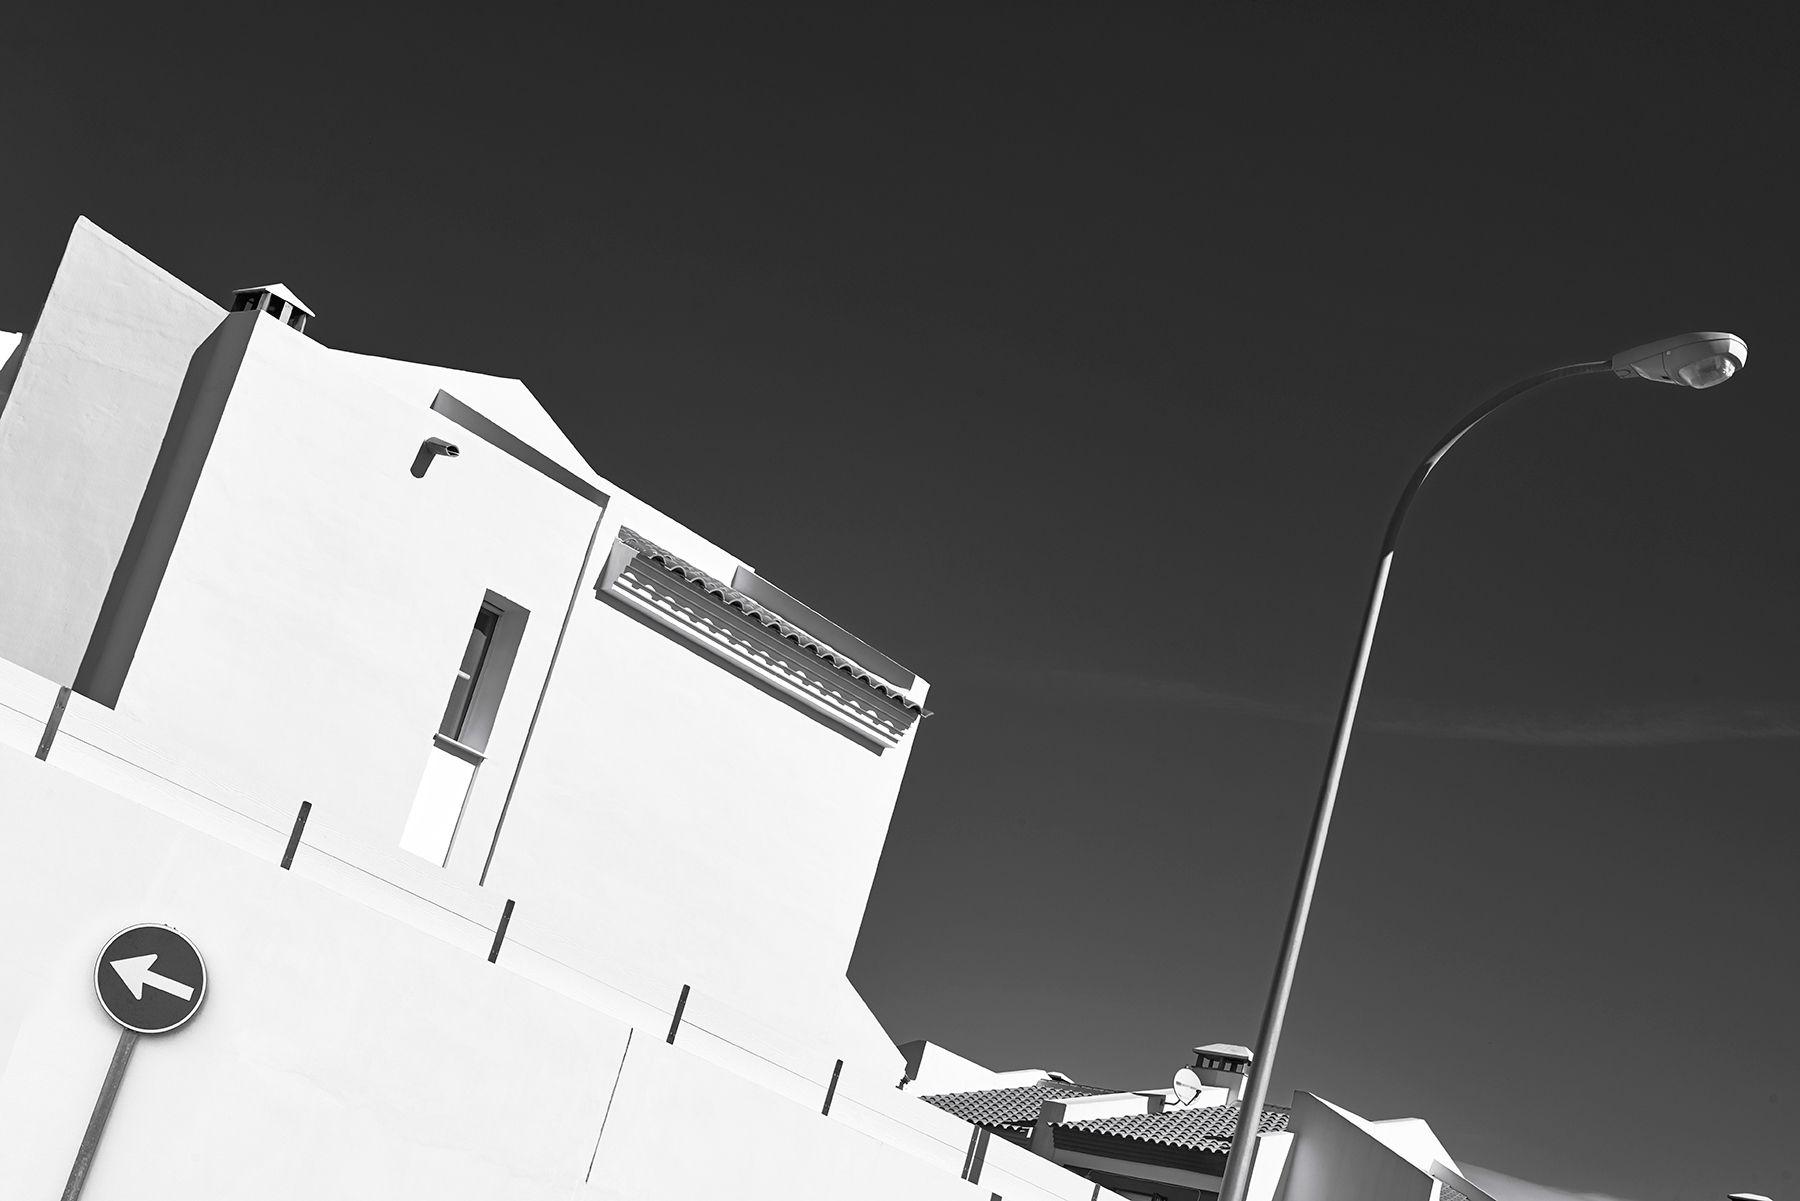 Blanco sobre cielo negro